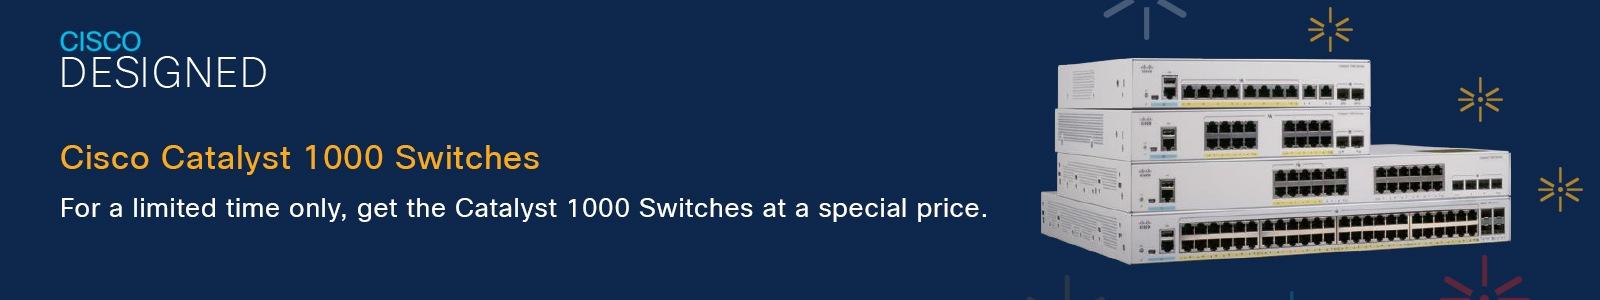 Cisco Catalyst 1000 Switches